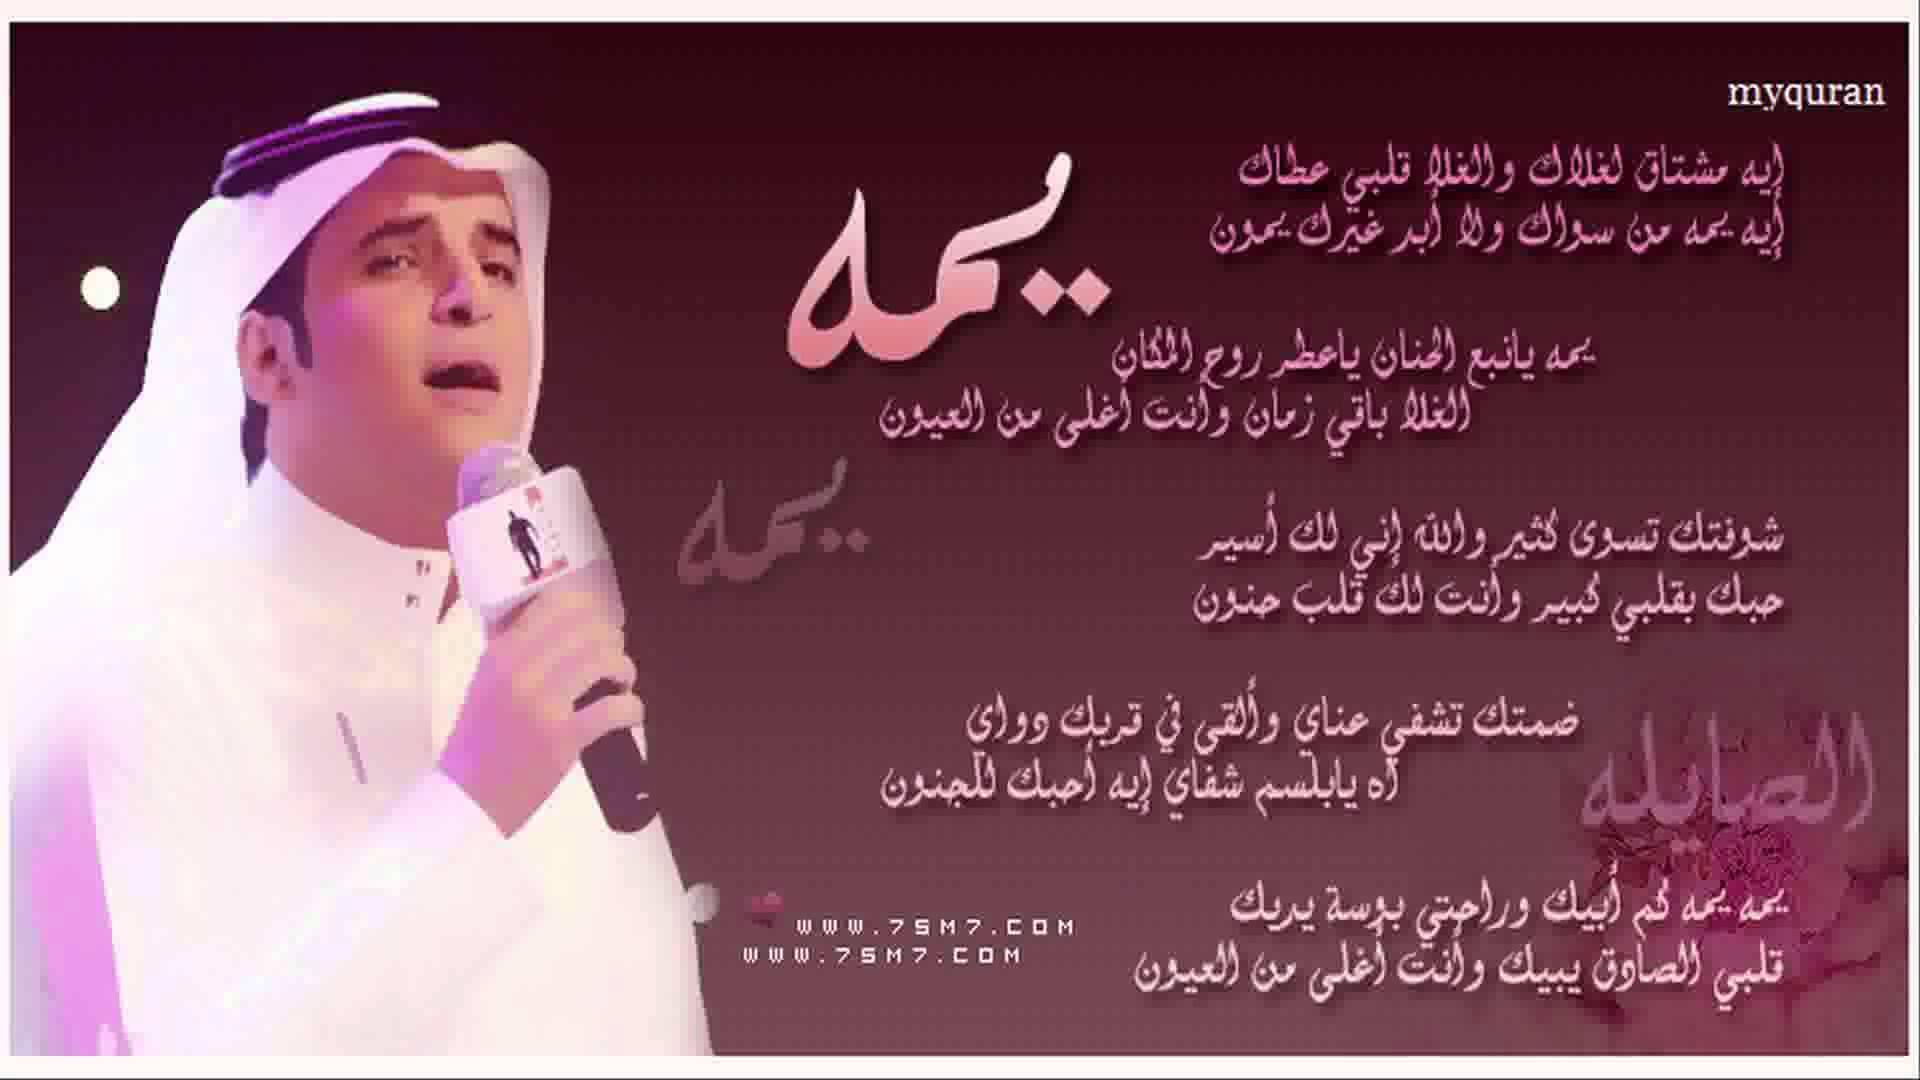 يمه يا نبع الحنان محمد العبدالله HD